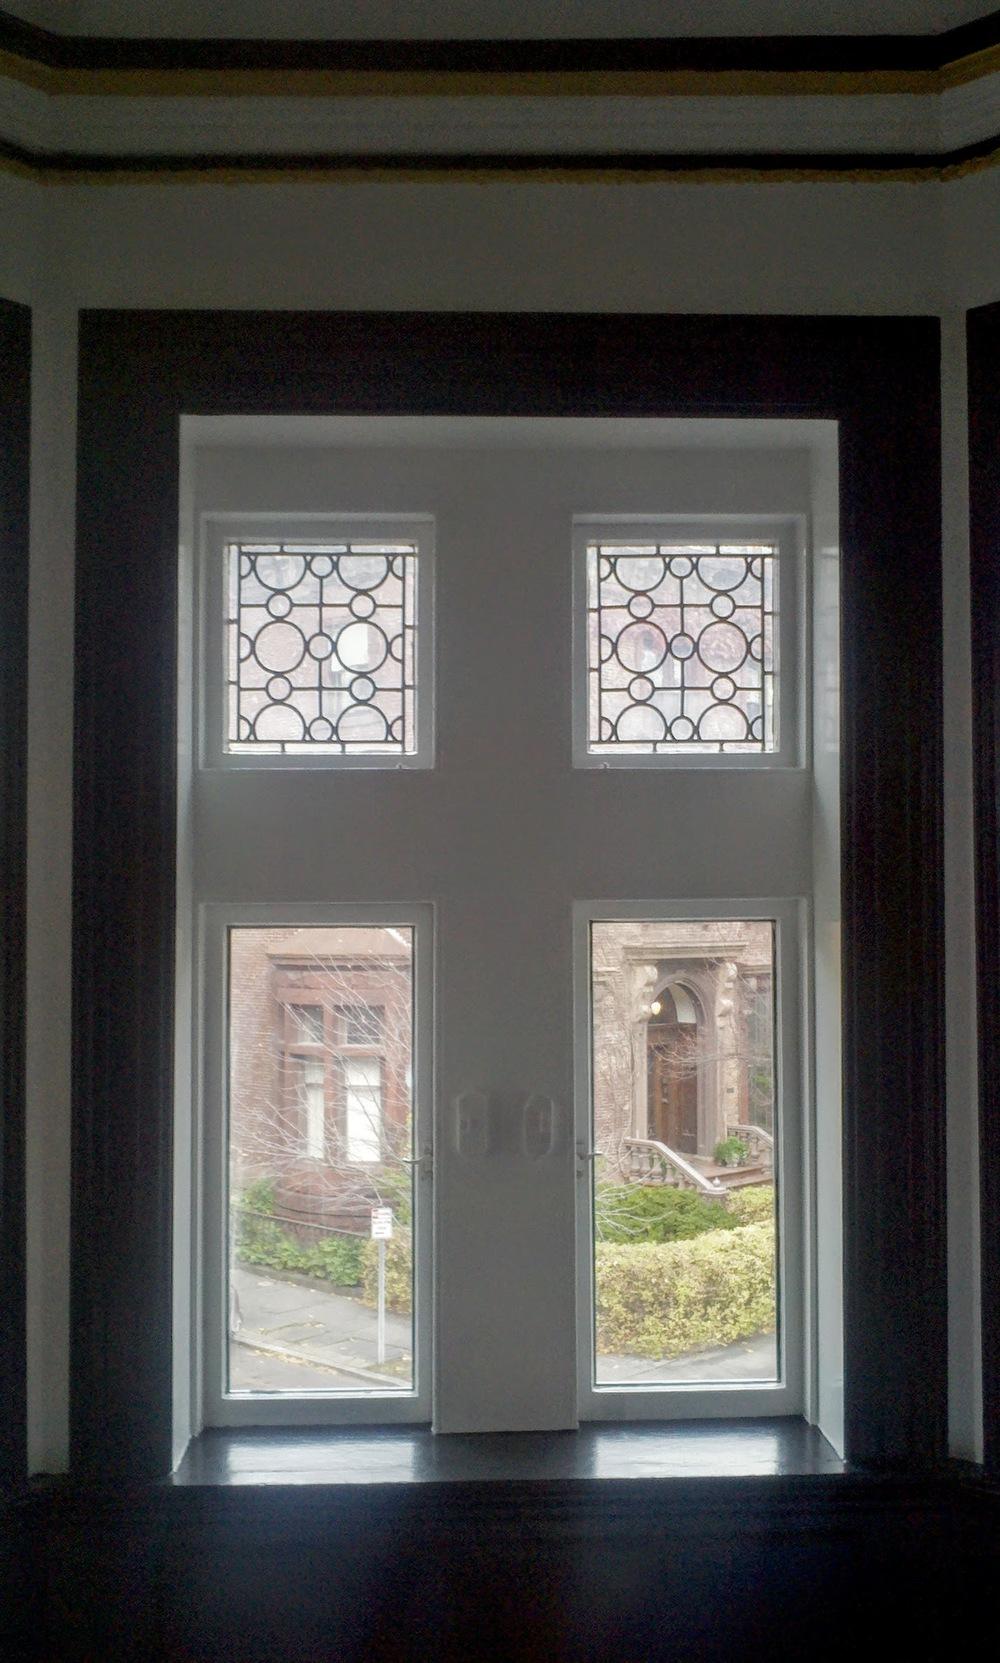 161-3 window.jpg